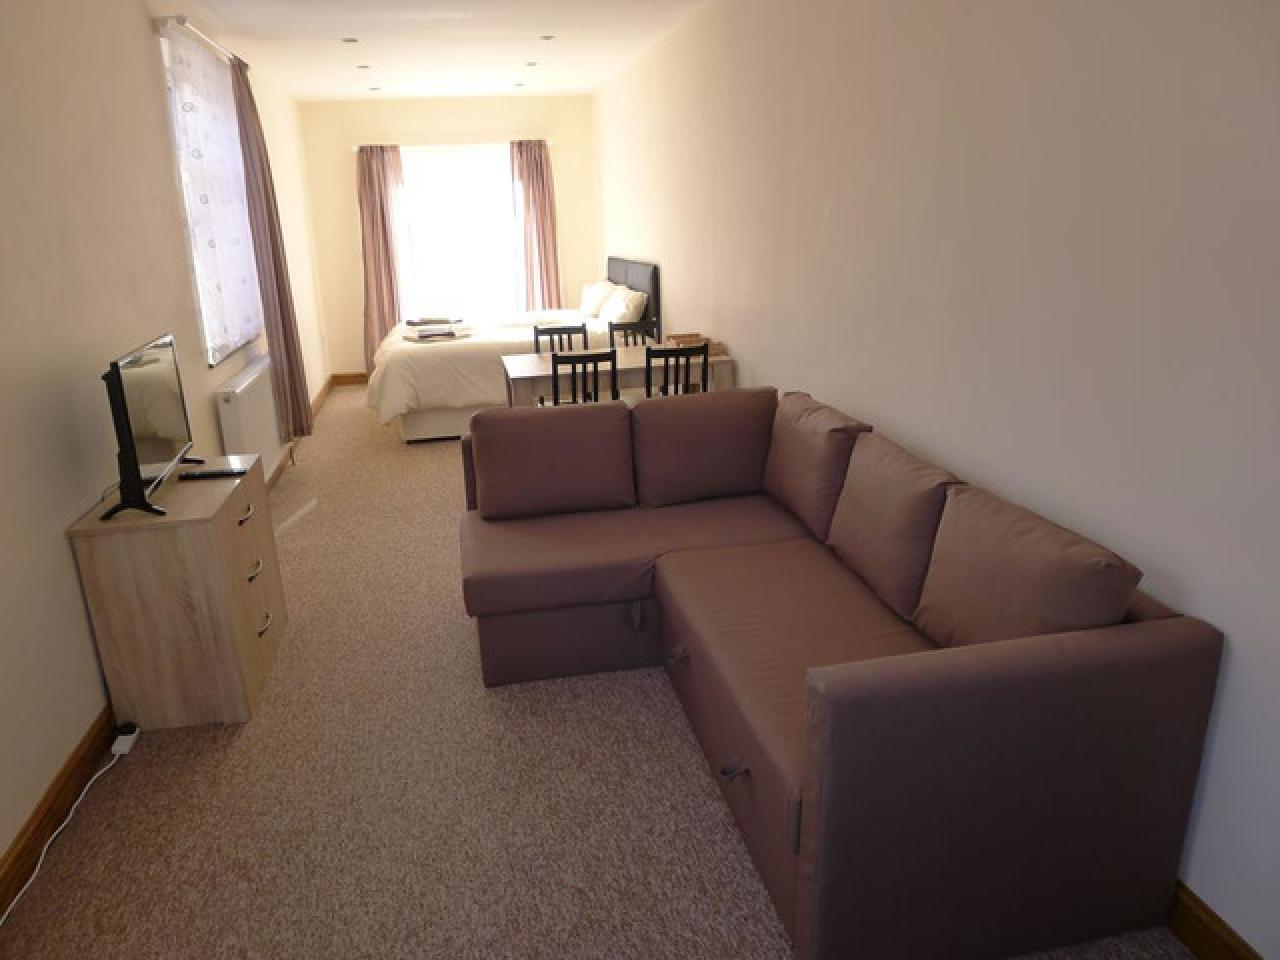 Требуется уборщица в 2 мини отеля, хорошие условия!! - 4